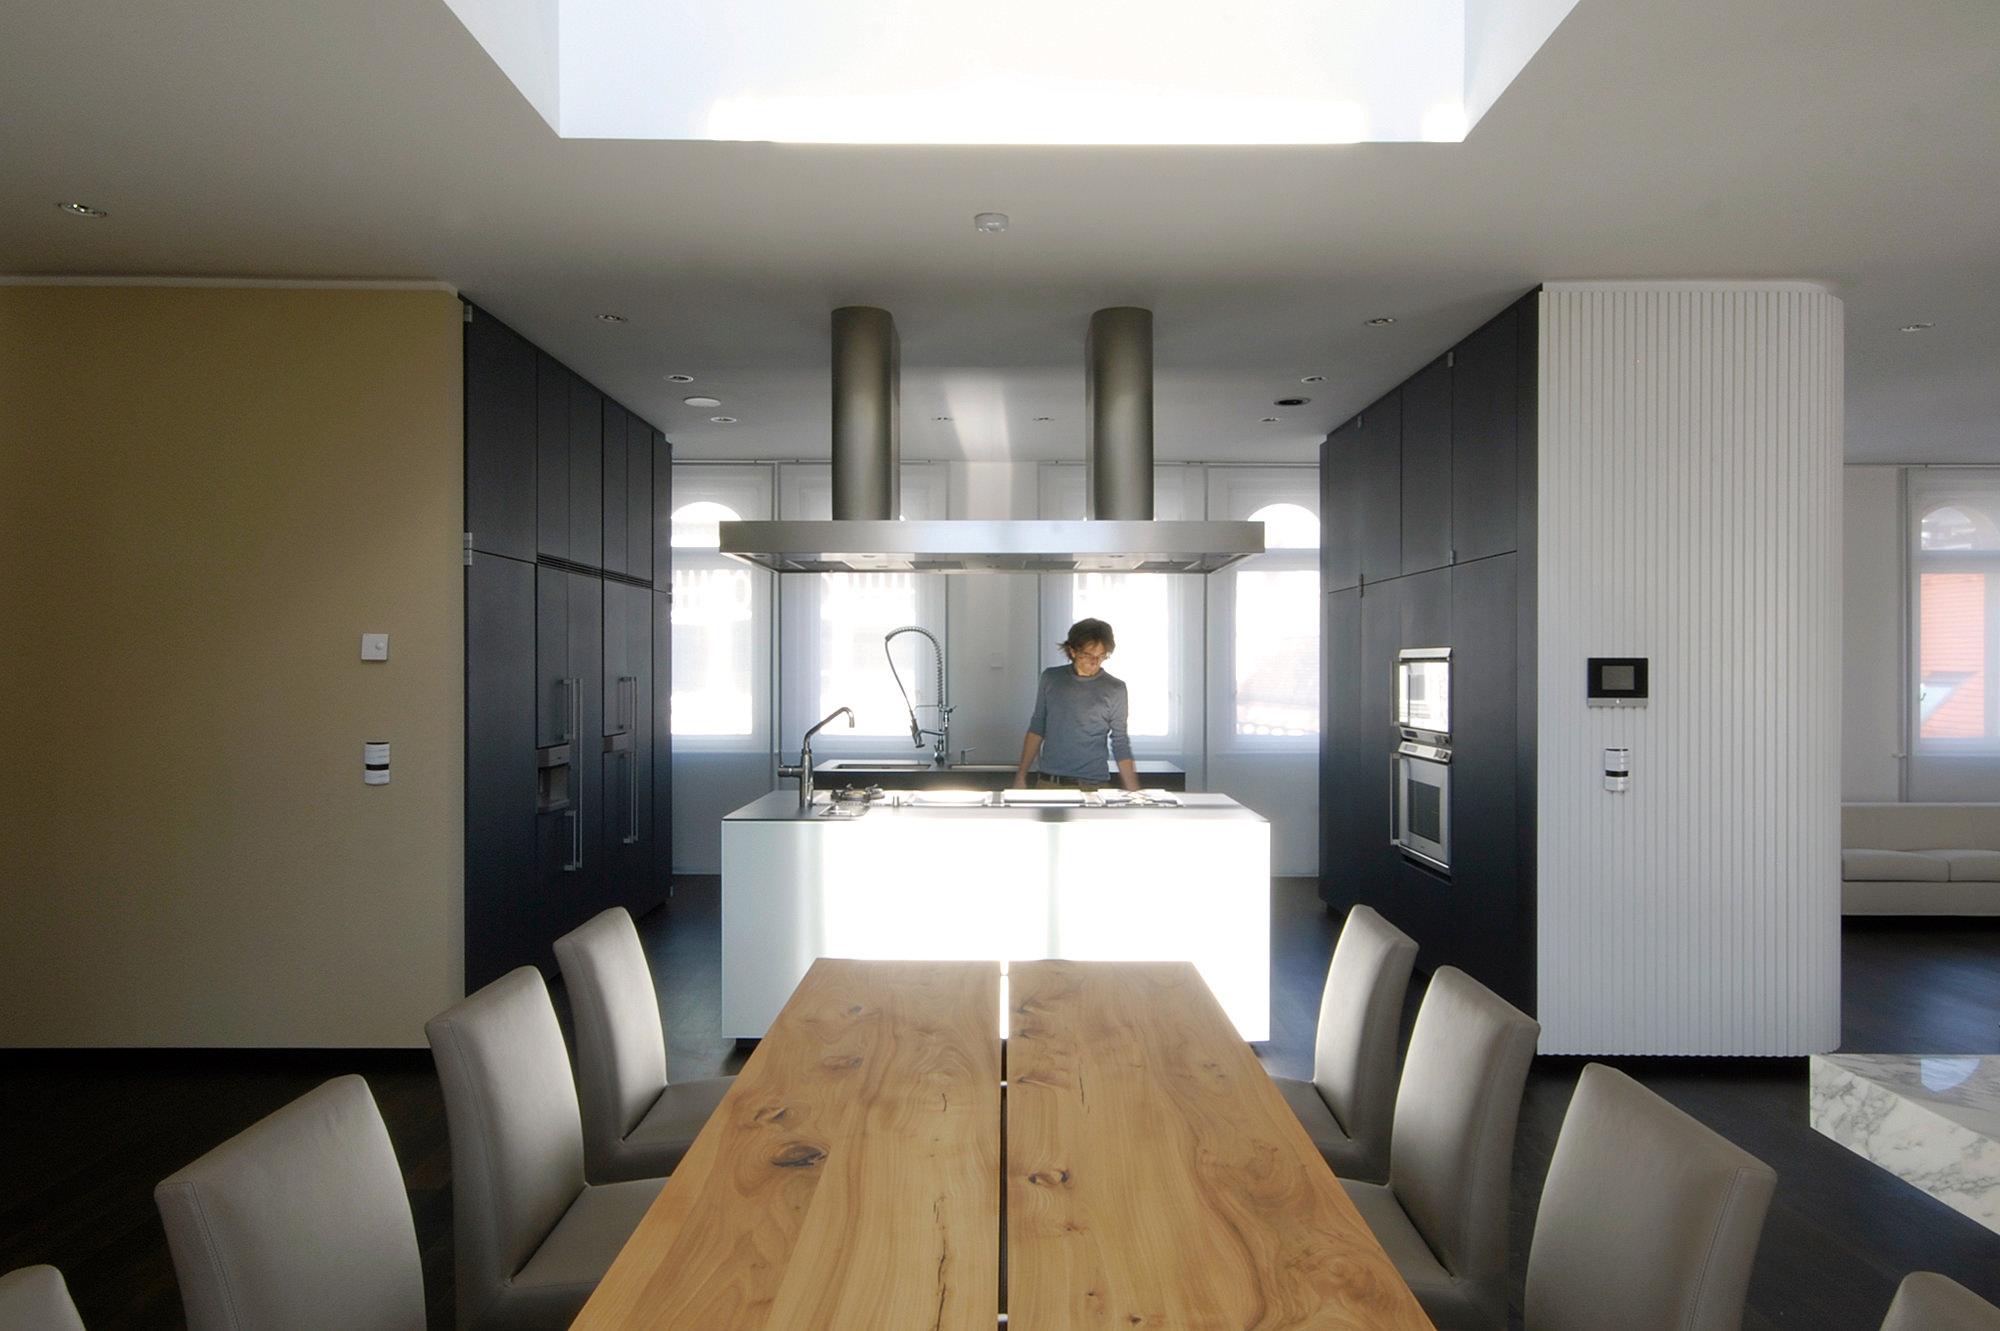 penthouse_wien_1_04_umbau_und_dachausbau_1010_wien_junger_beer_architektur